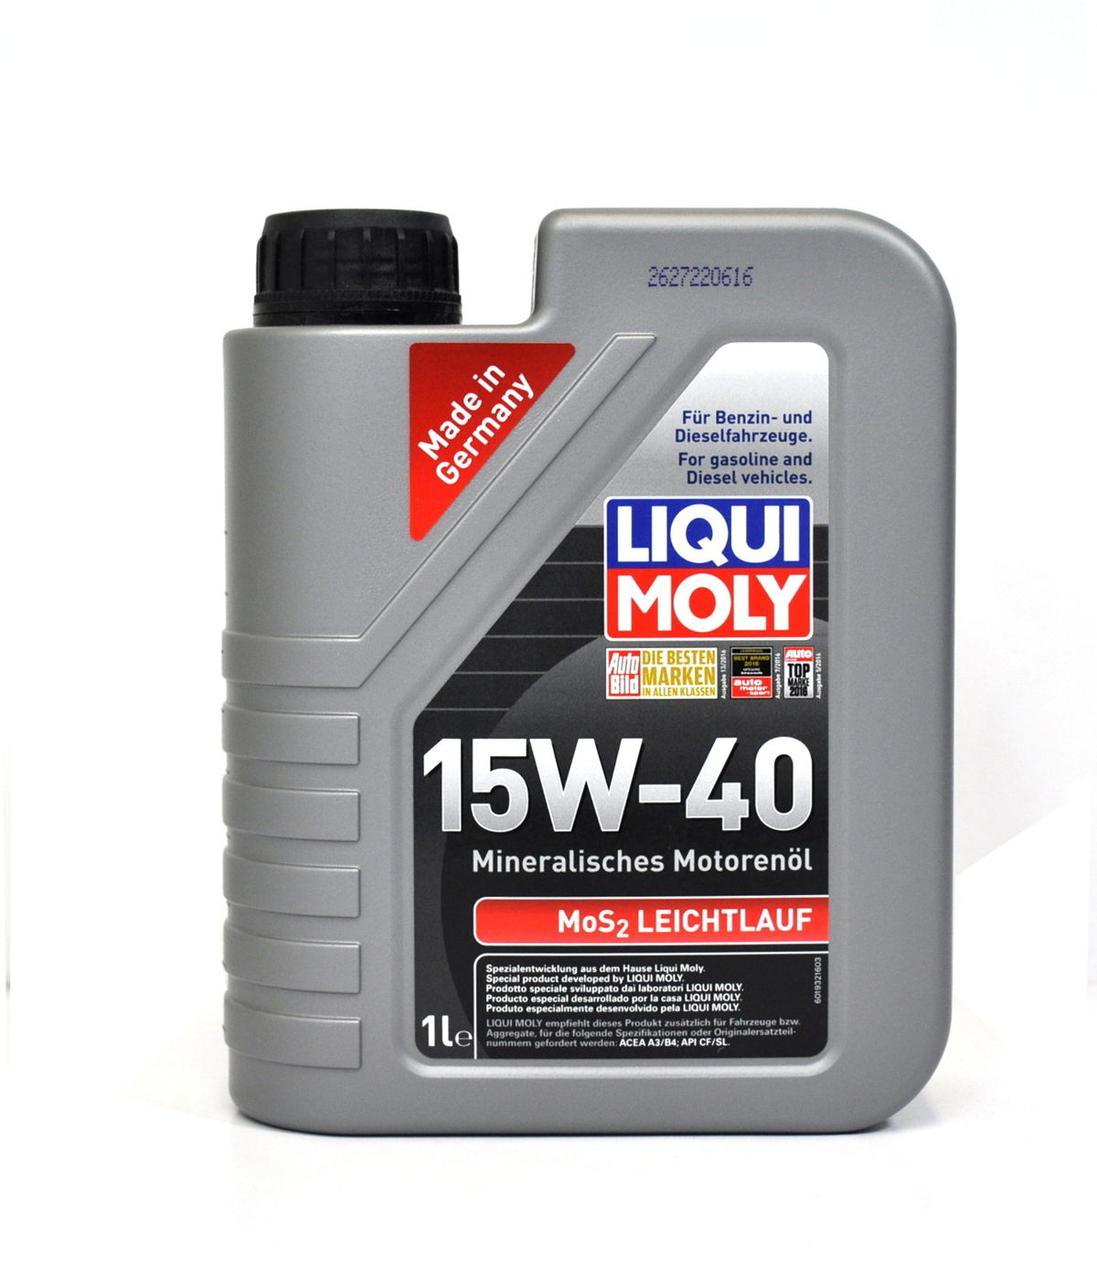 Моторное масло LIQUI MOLY MoS2 Leichtlauf 15W40 с молибденом 1L